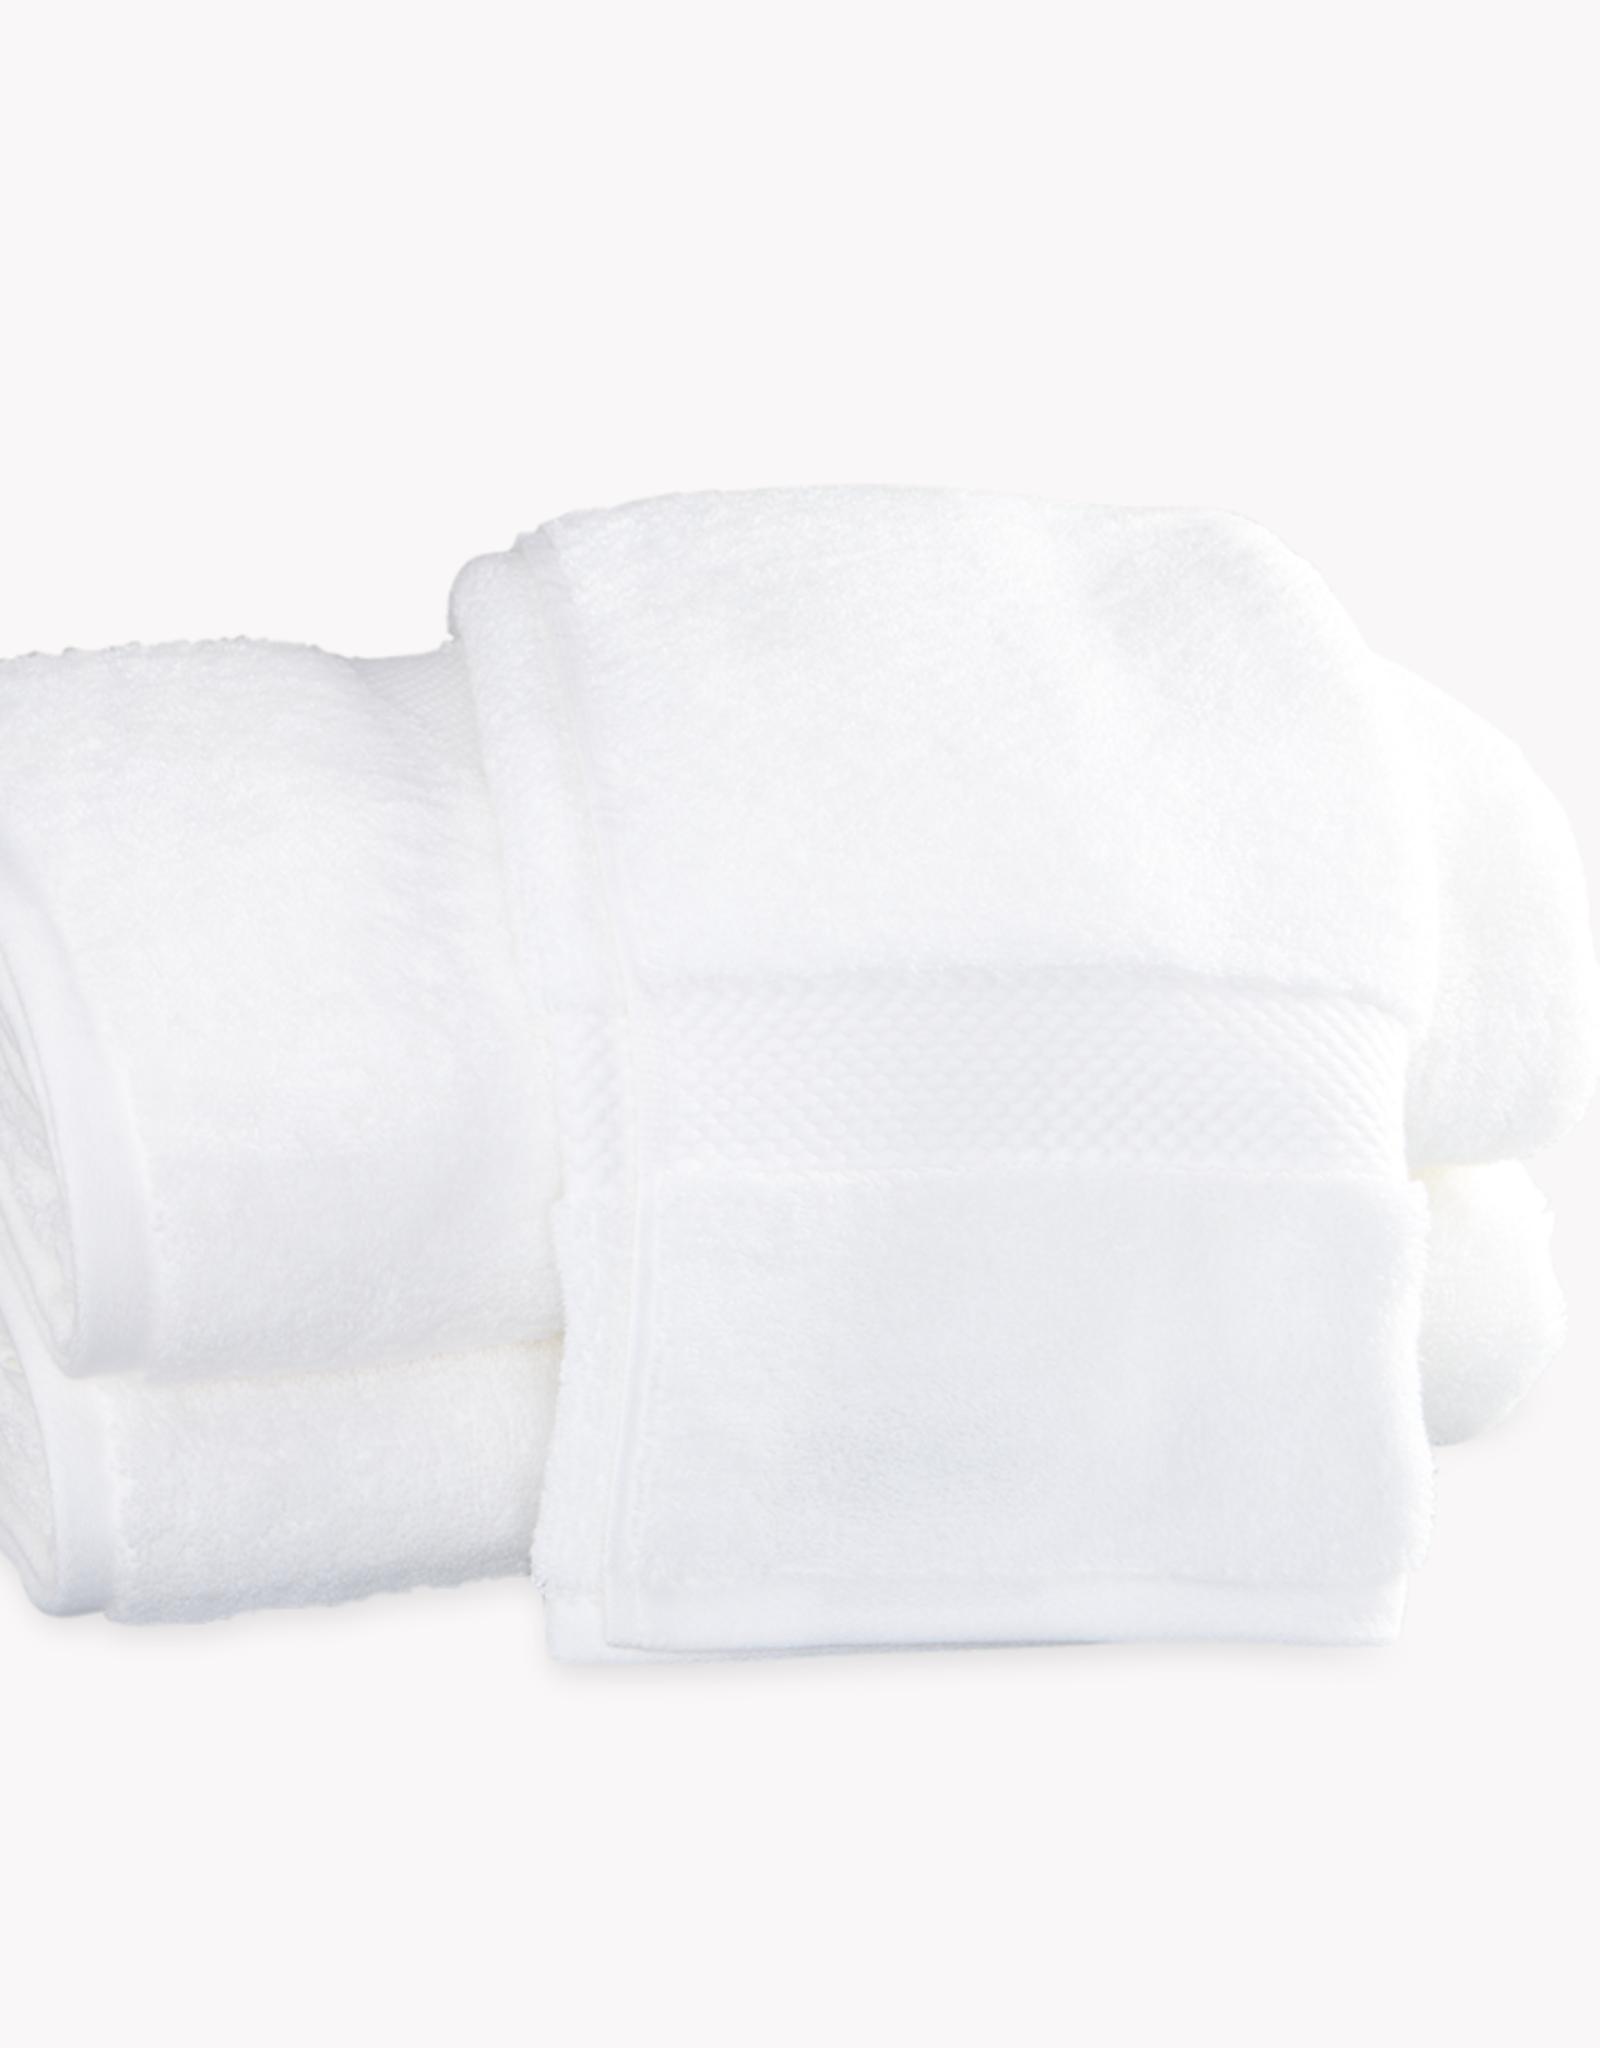 Matouk Guesthouse Bath Towel